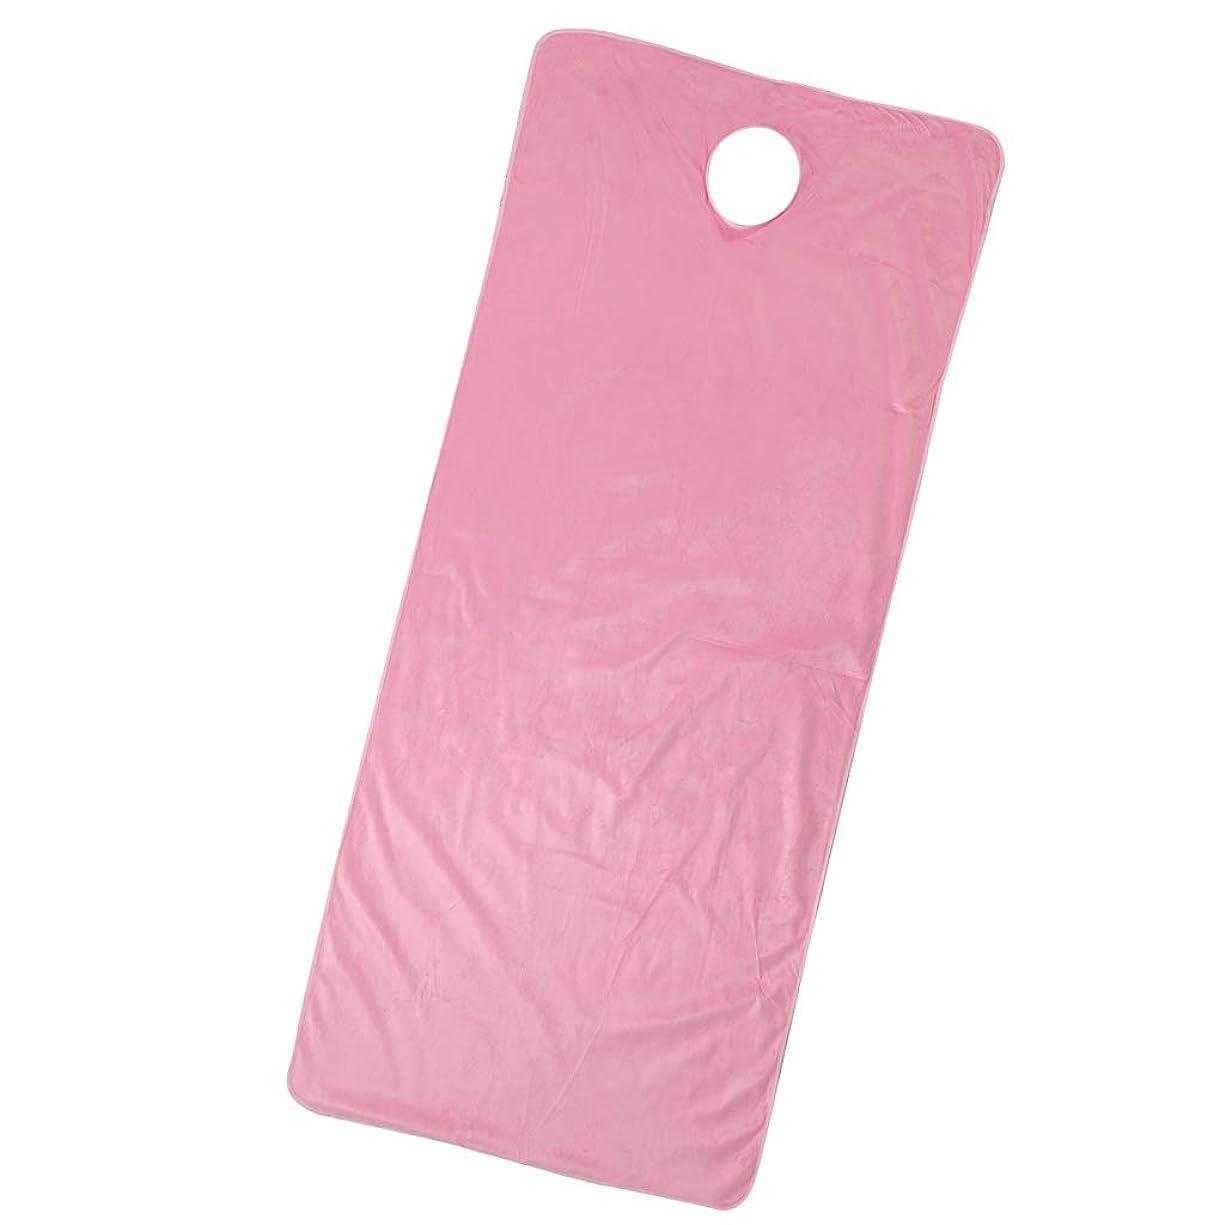 大事にする癒す絶壁Fenteer スパ マッサージベッドカバー 有孔 うつぶせ 美容ベッドカバー 快適 通気性